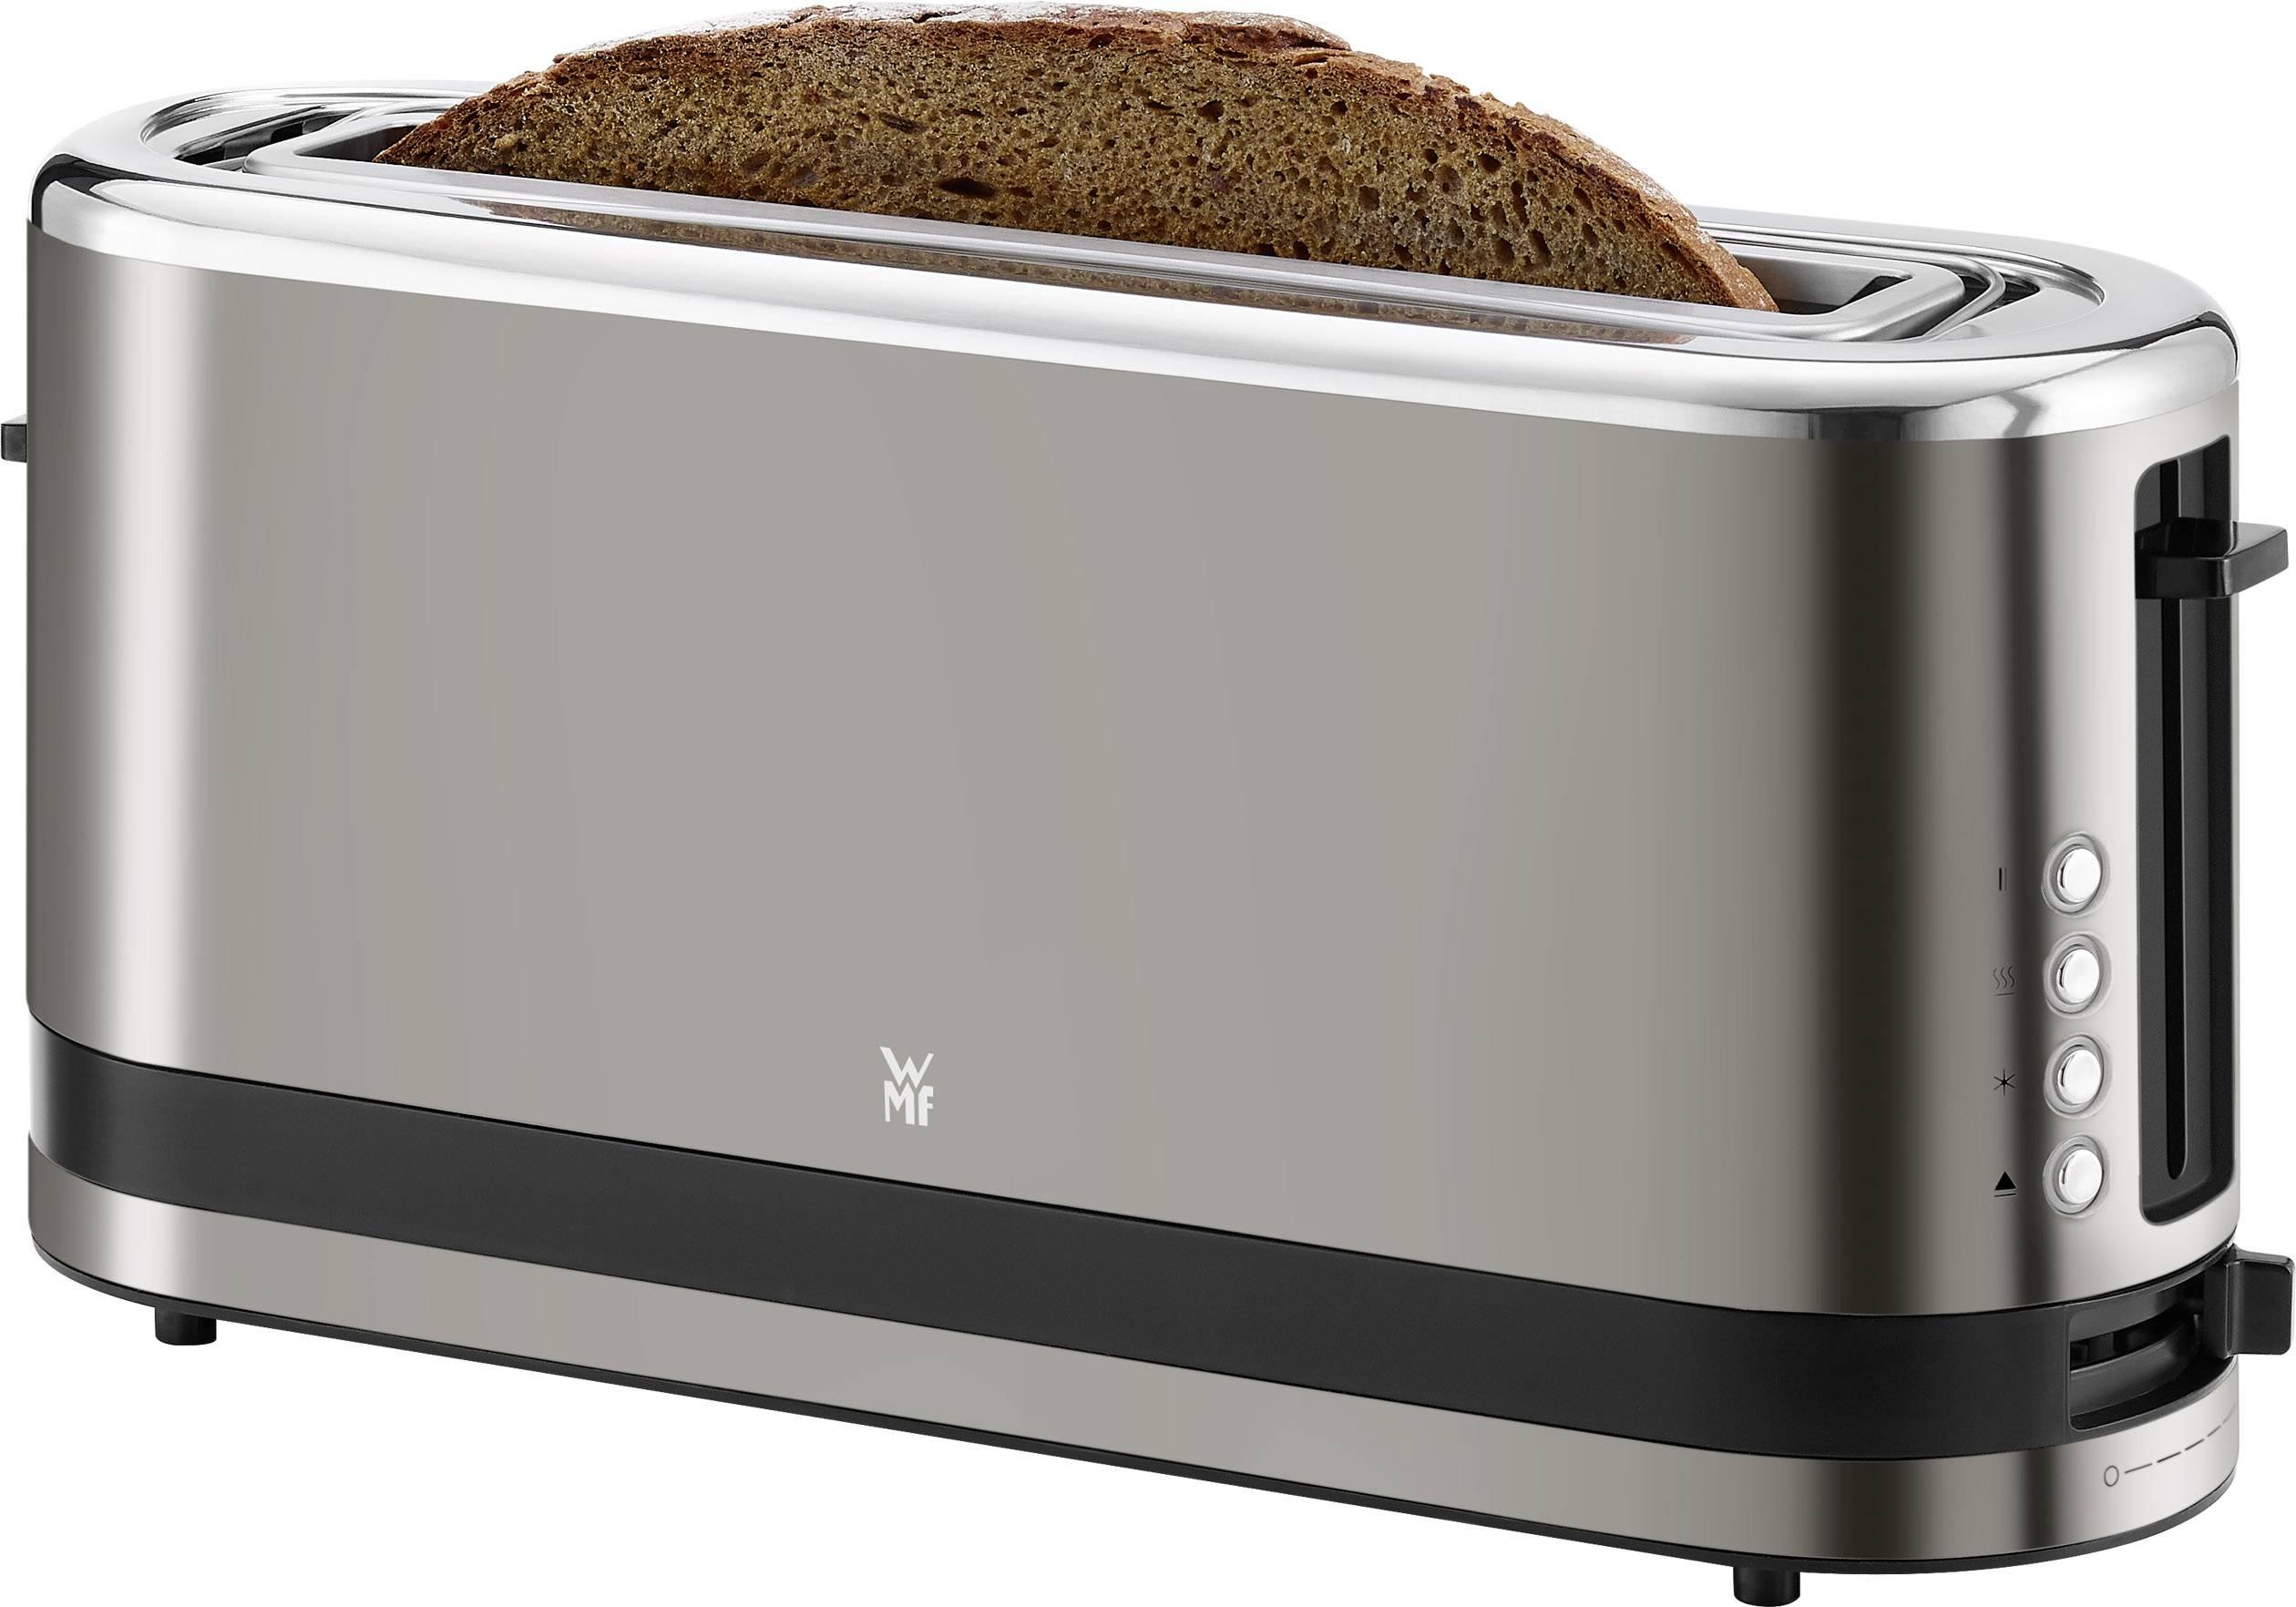 Wmf Elektrogrill Ersatzteile : Ersatzteile wmf kaffeemaschine lono: wmf kaffeeautomat